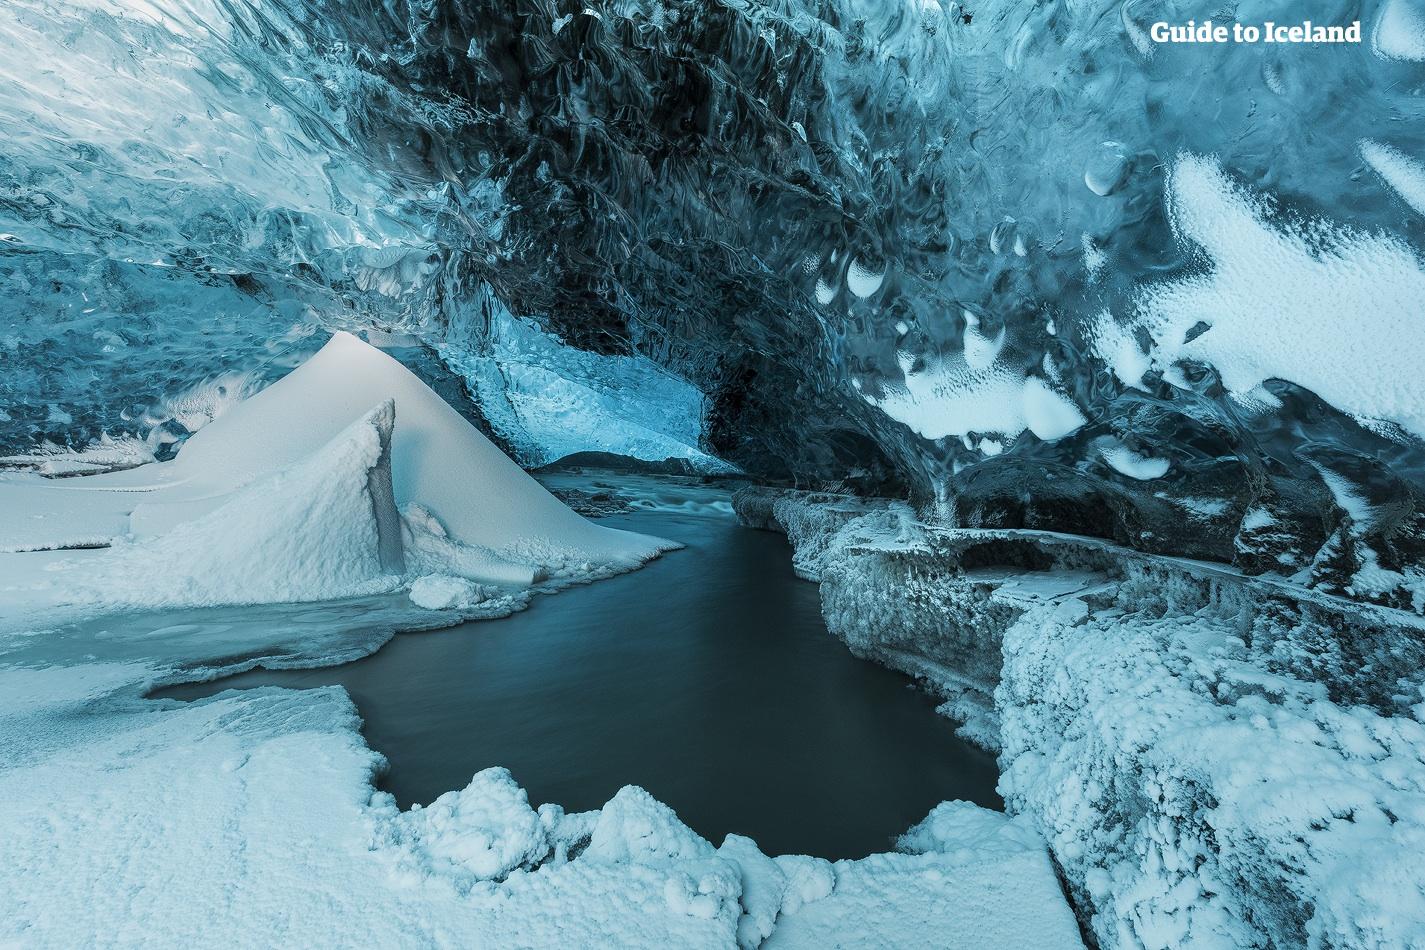 每年的11月至3月,可以参加蓝冰洞旅行团,去探索冰川下最美丽的秘密